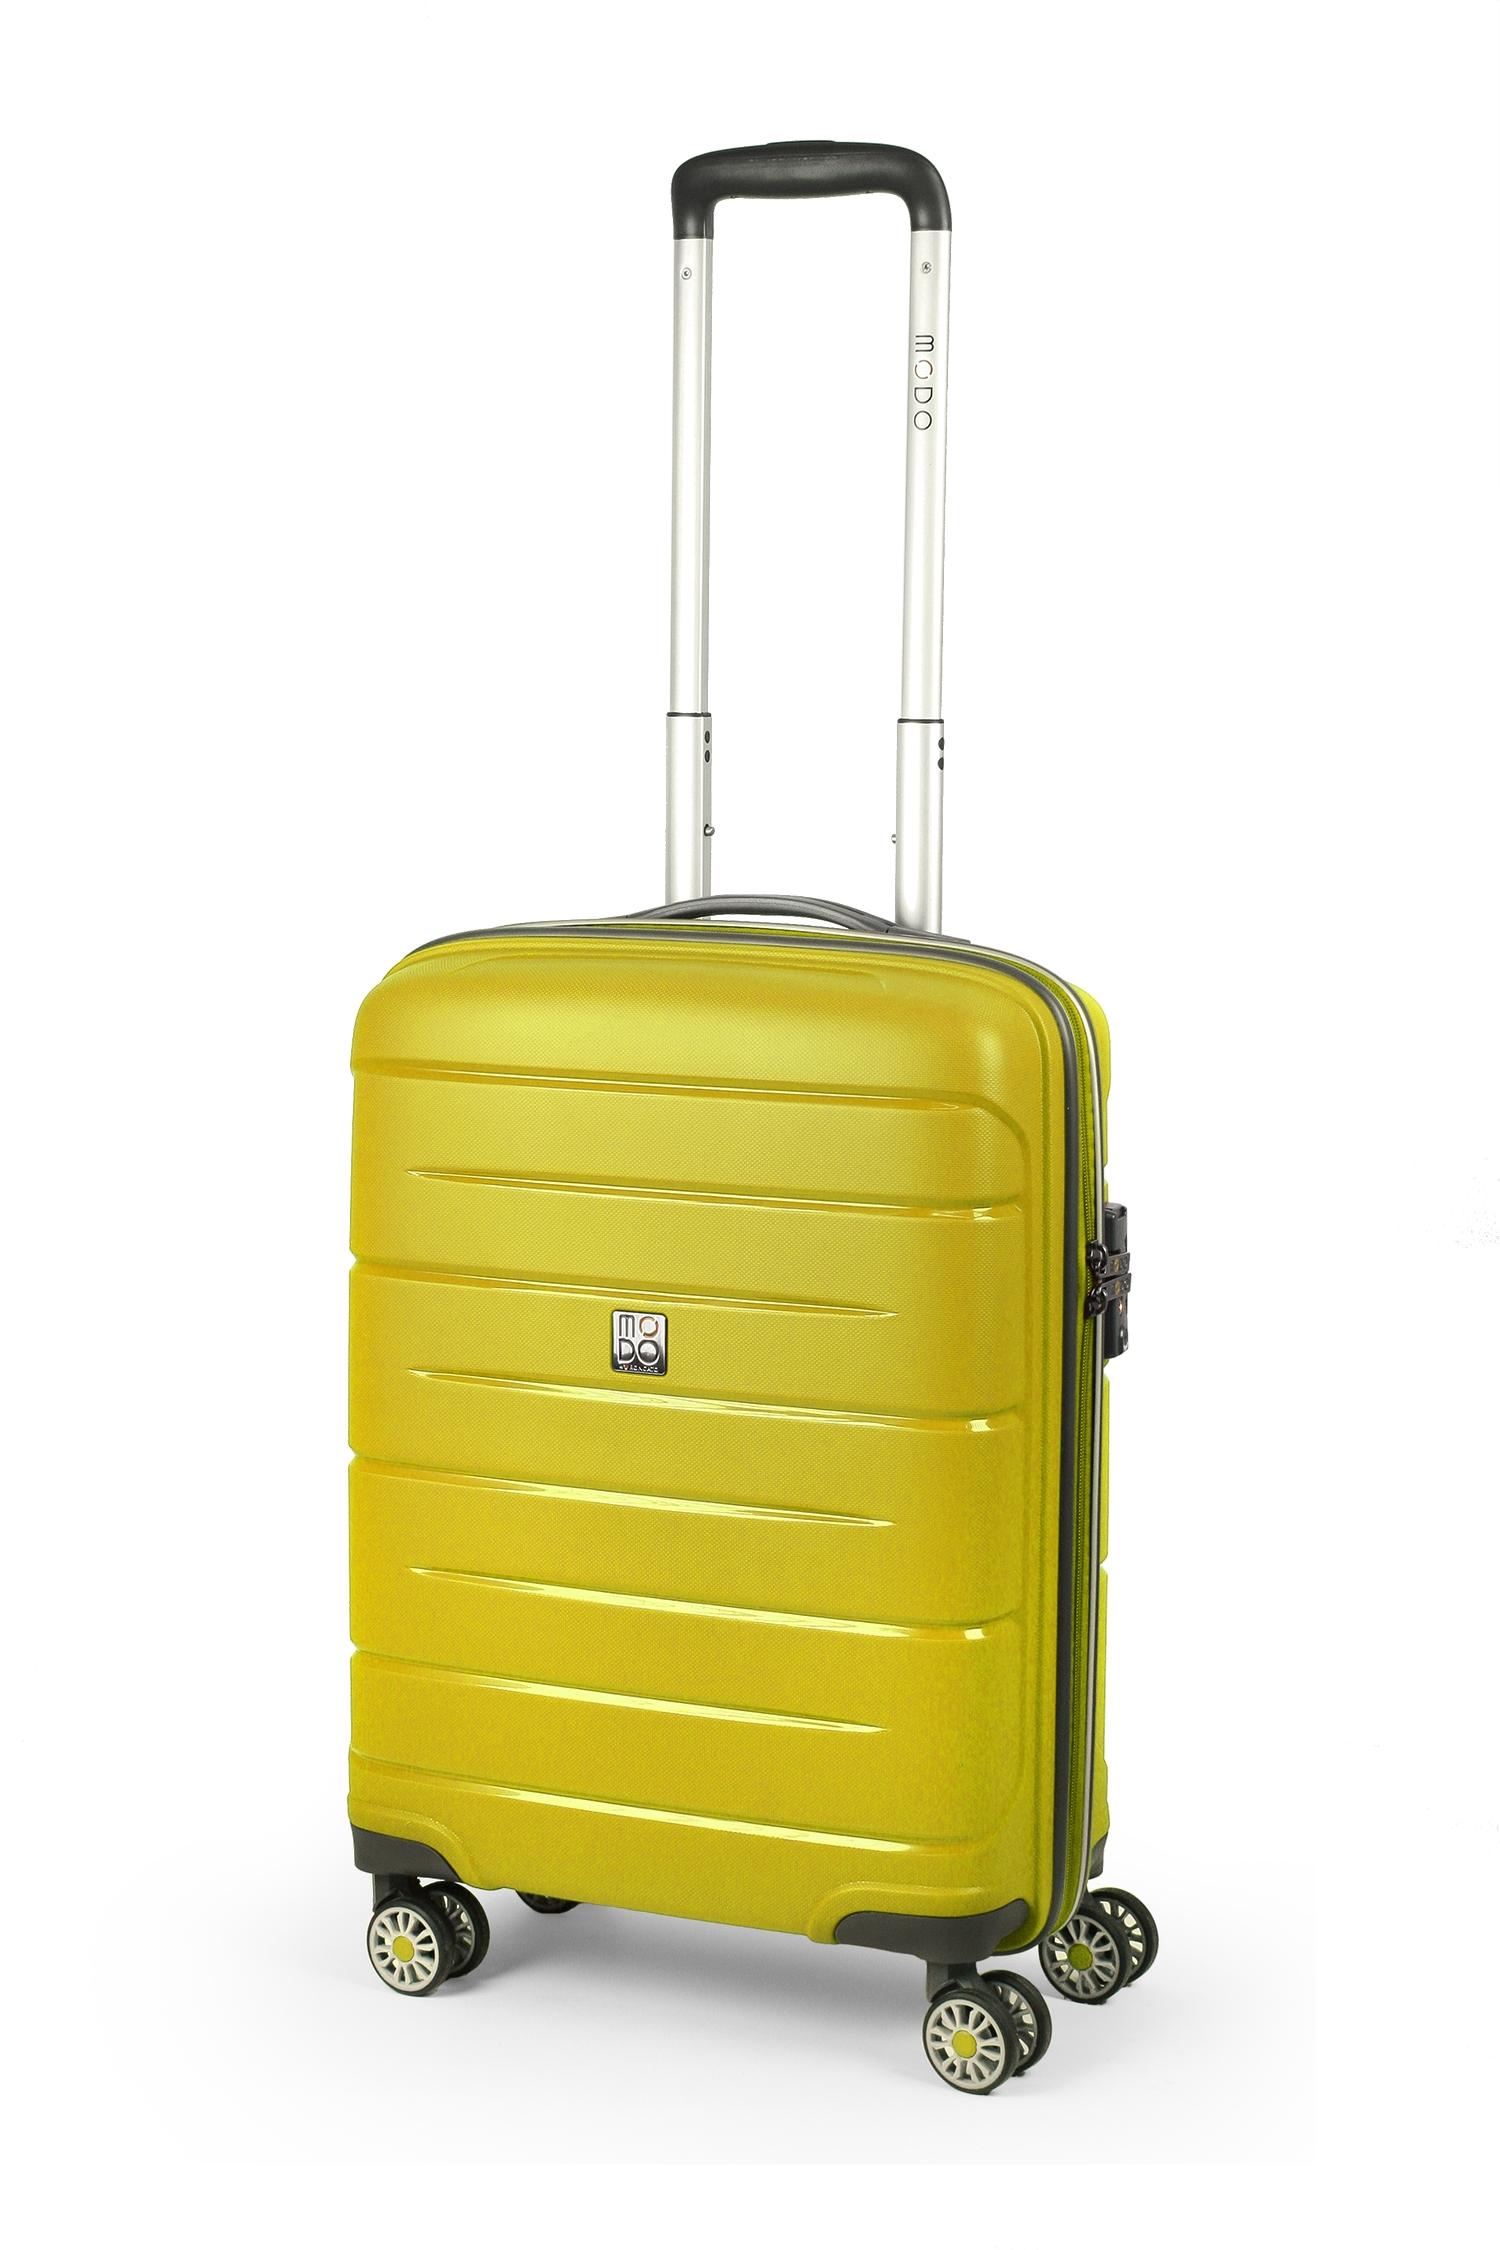 Roncato Modo Starlight 2.0 maleta cabina 4R amarillo